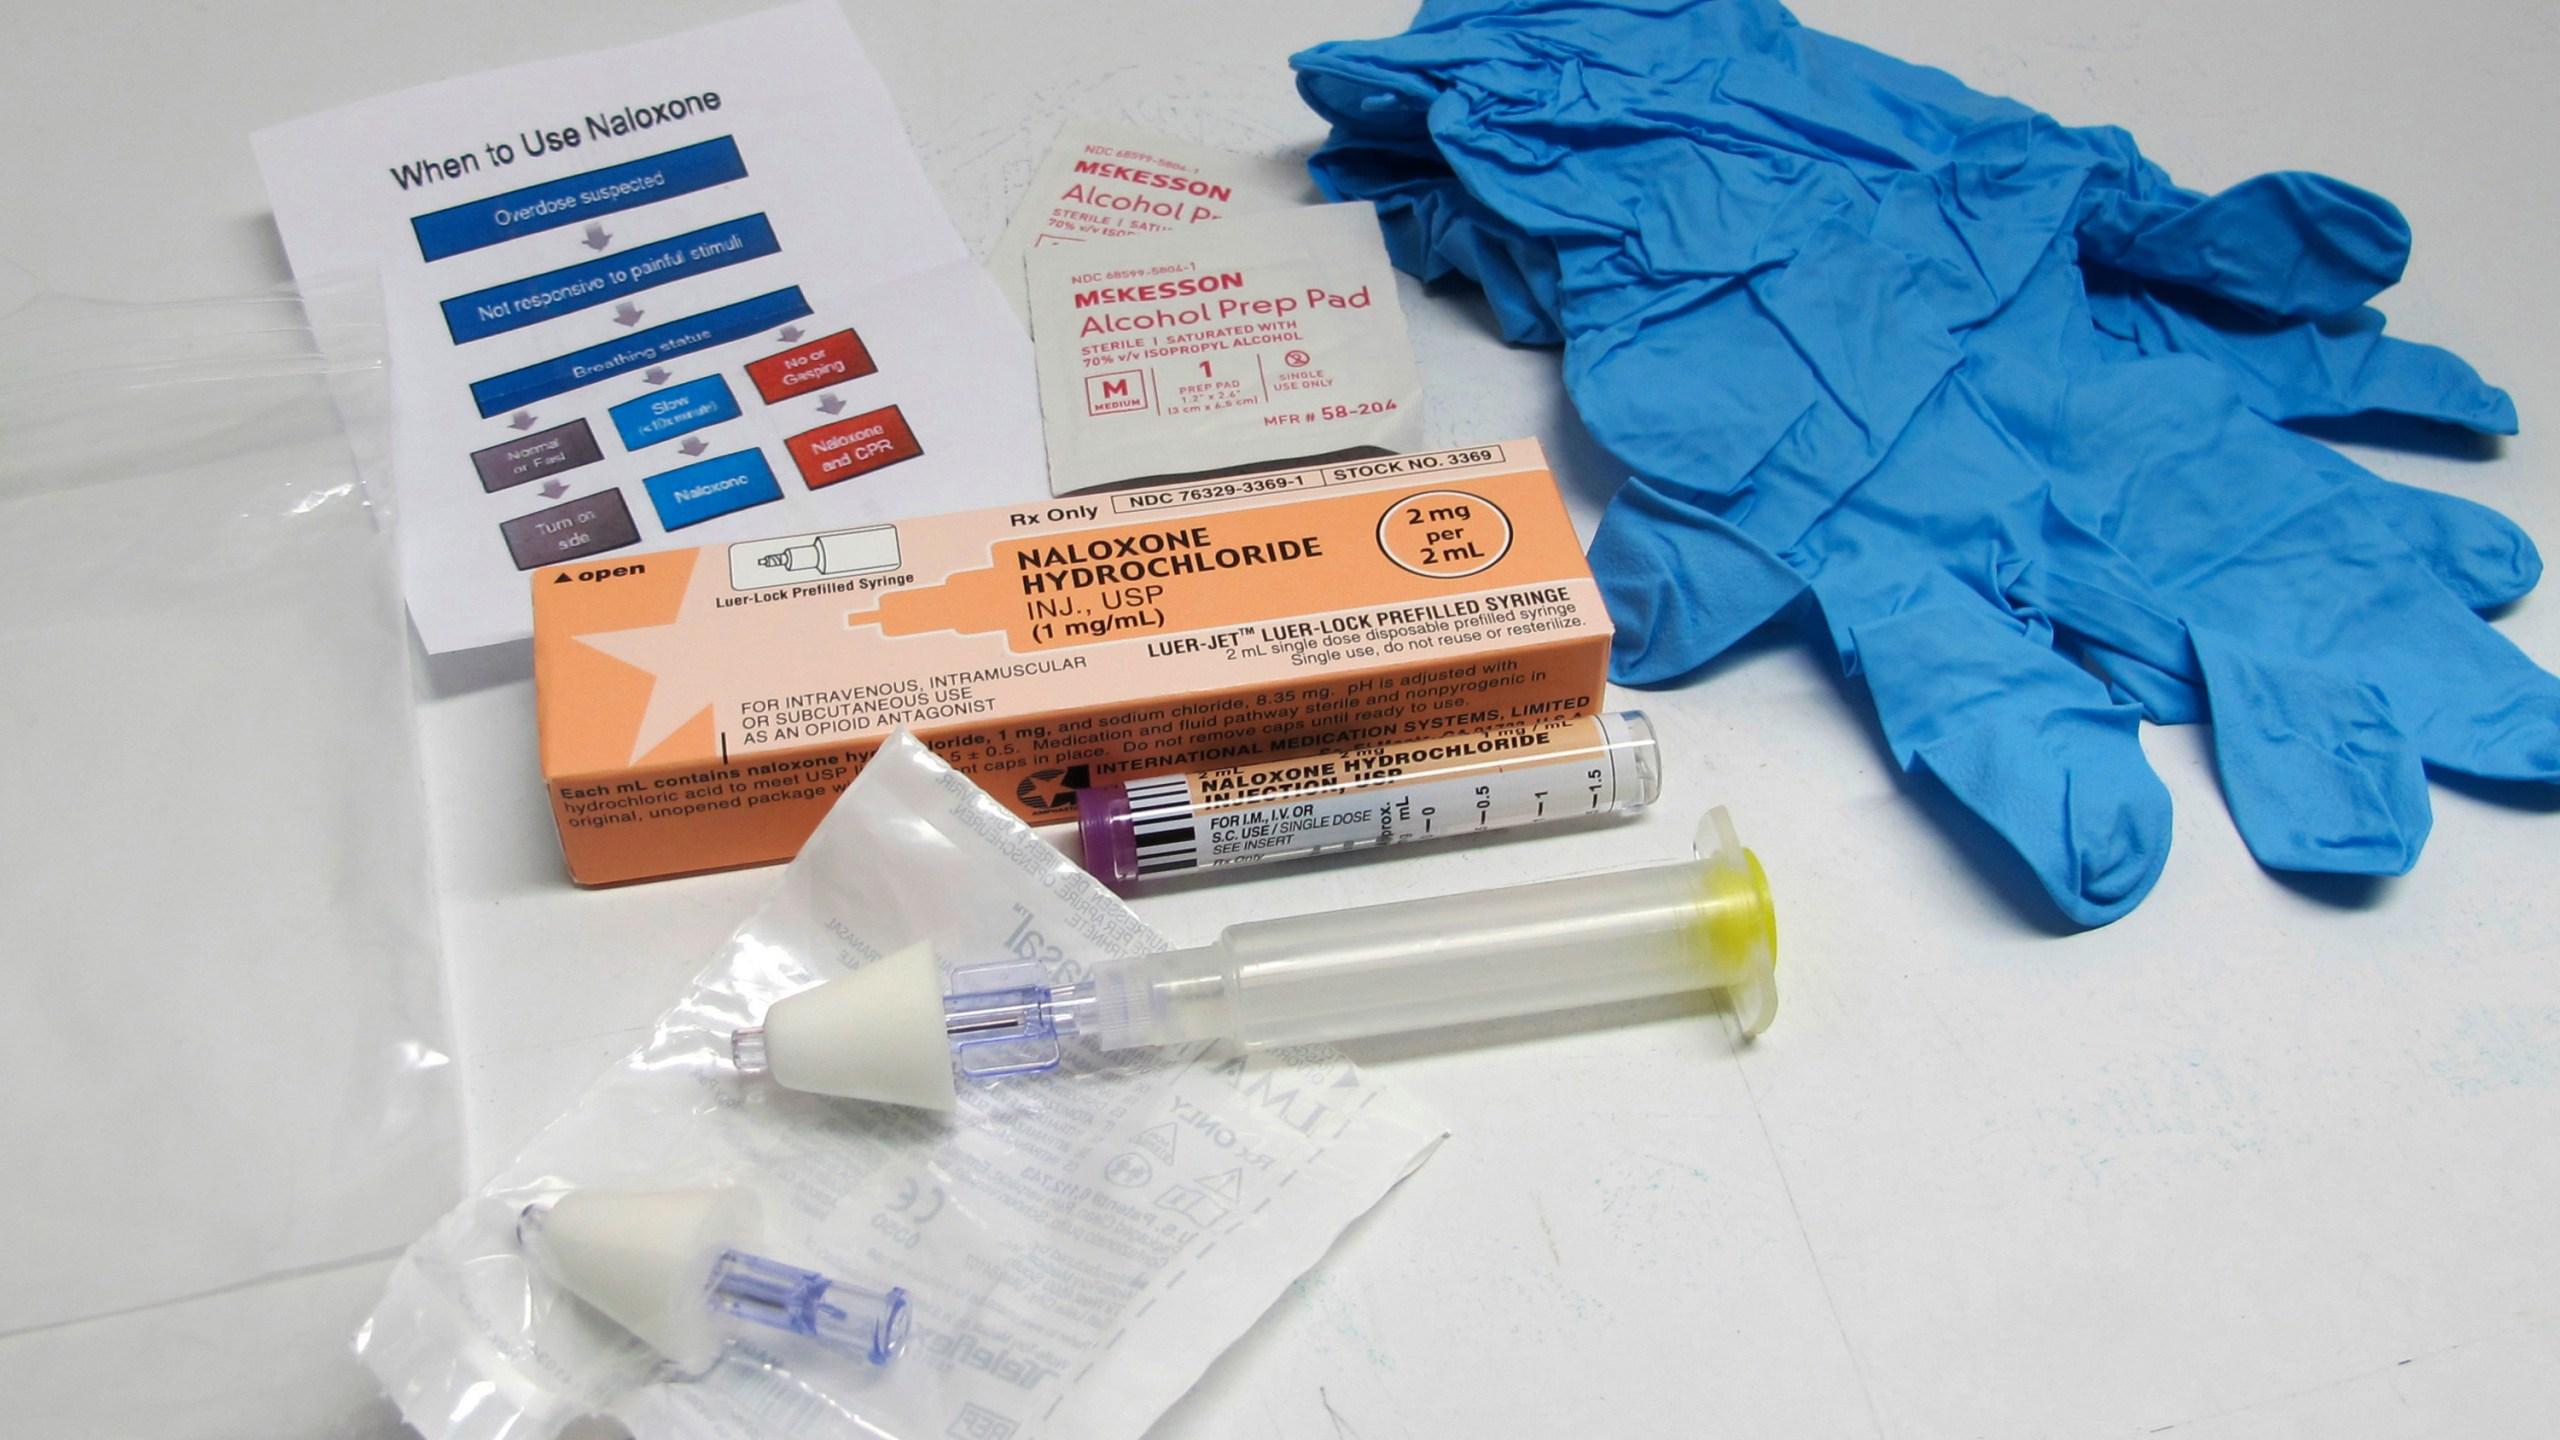 Opioid_Hospitalizations_Kids_21316-159532.jpg57020906